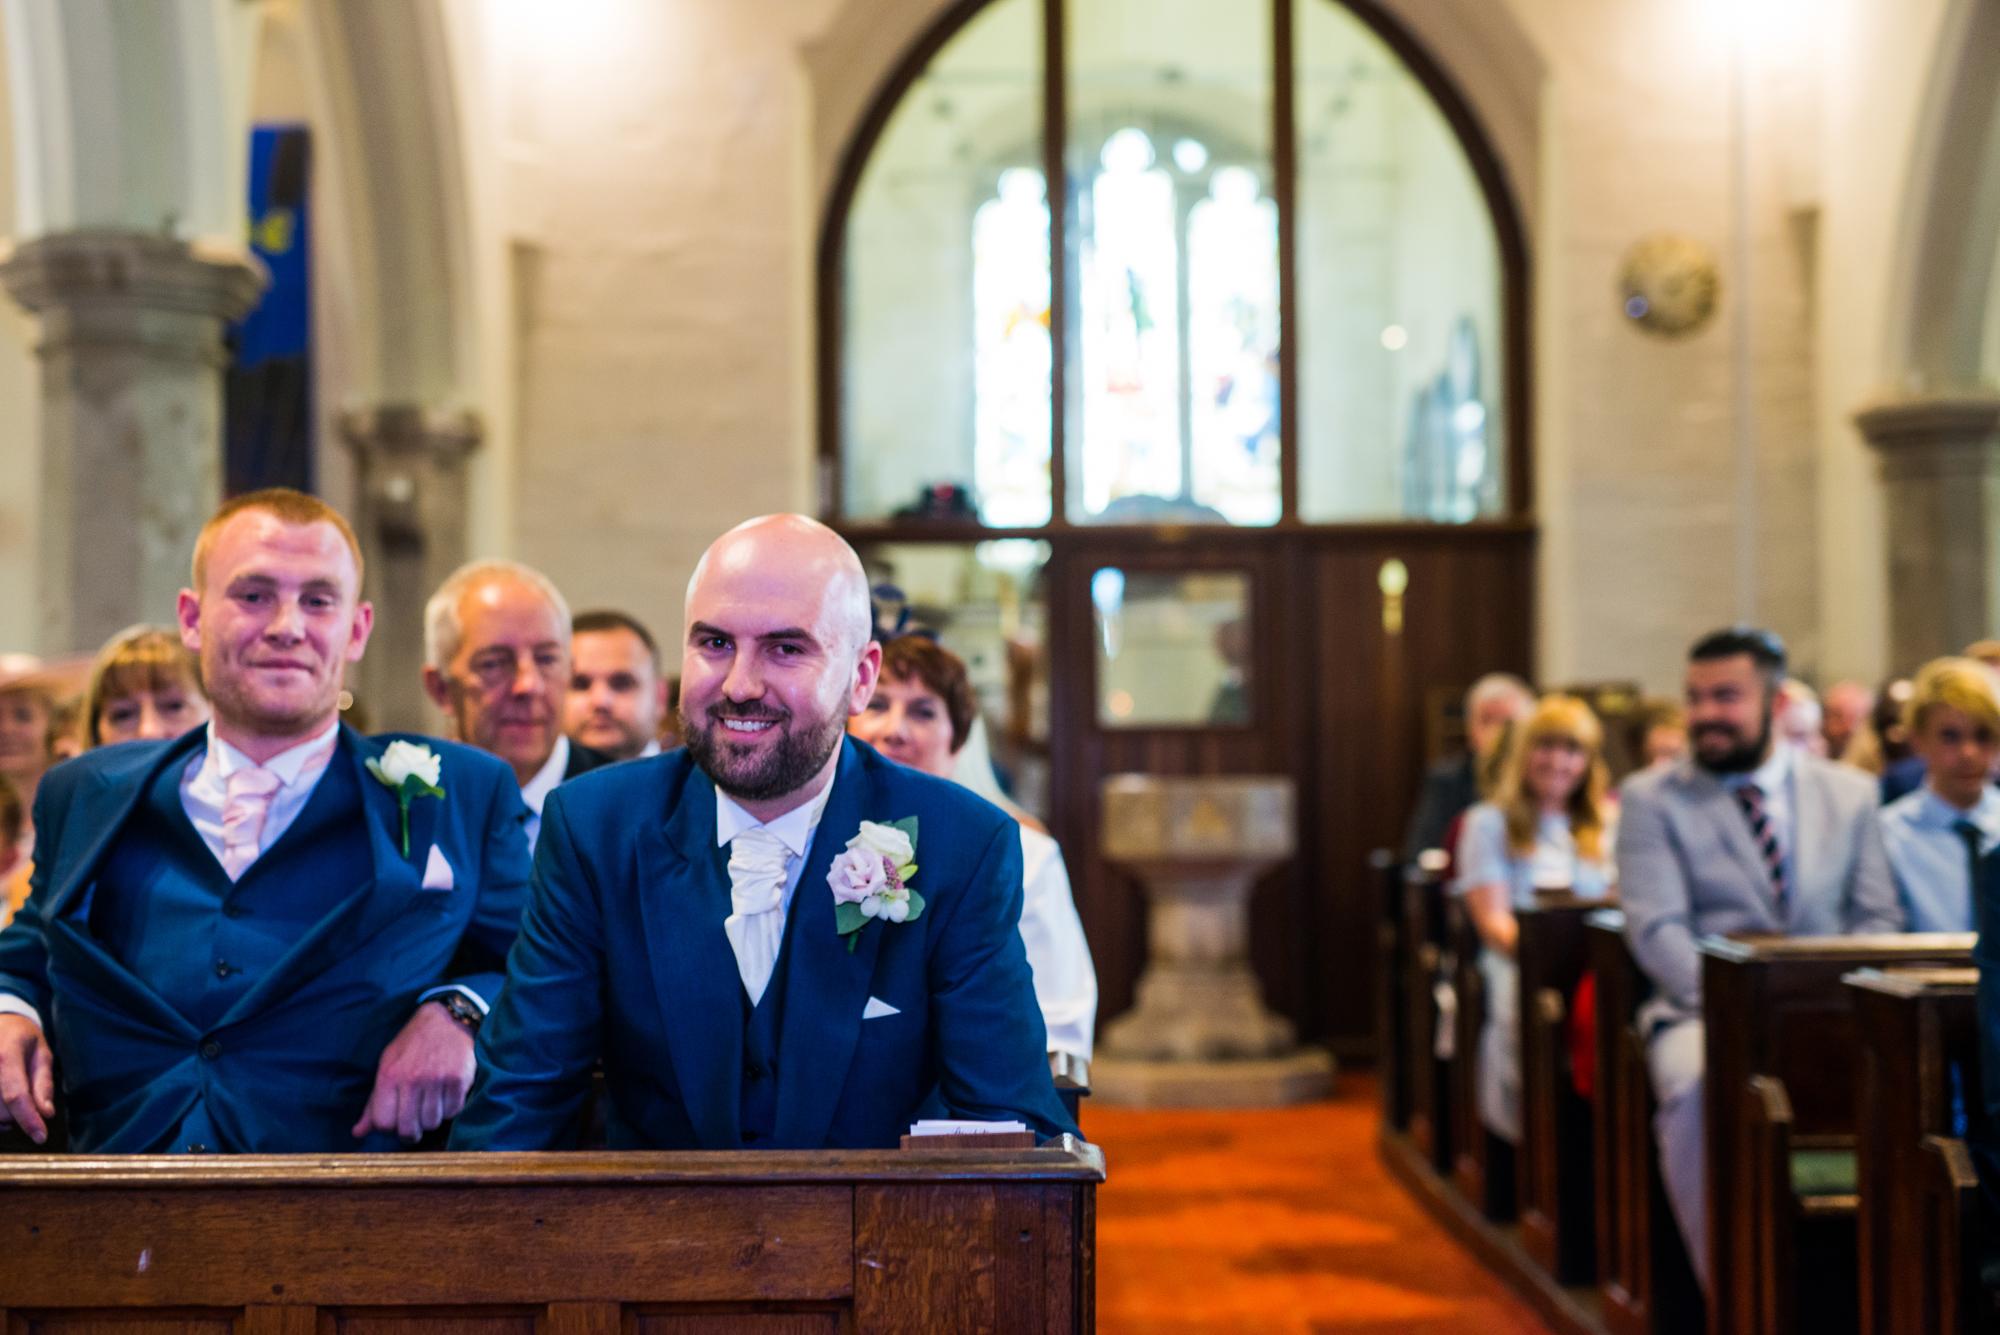 Roise and John wedding photos (109 of 383).jpg